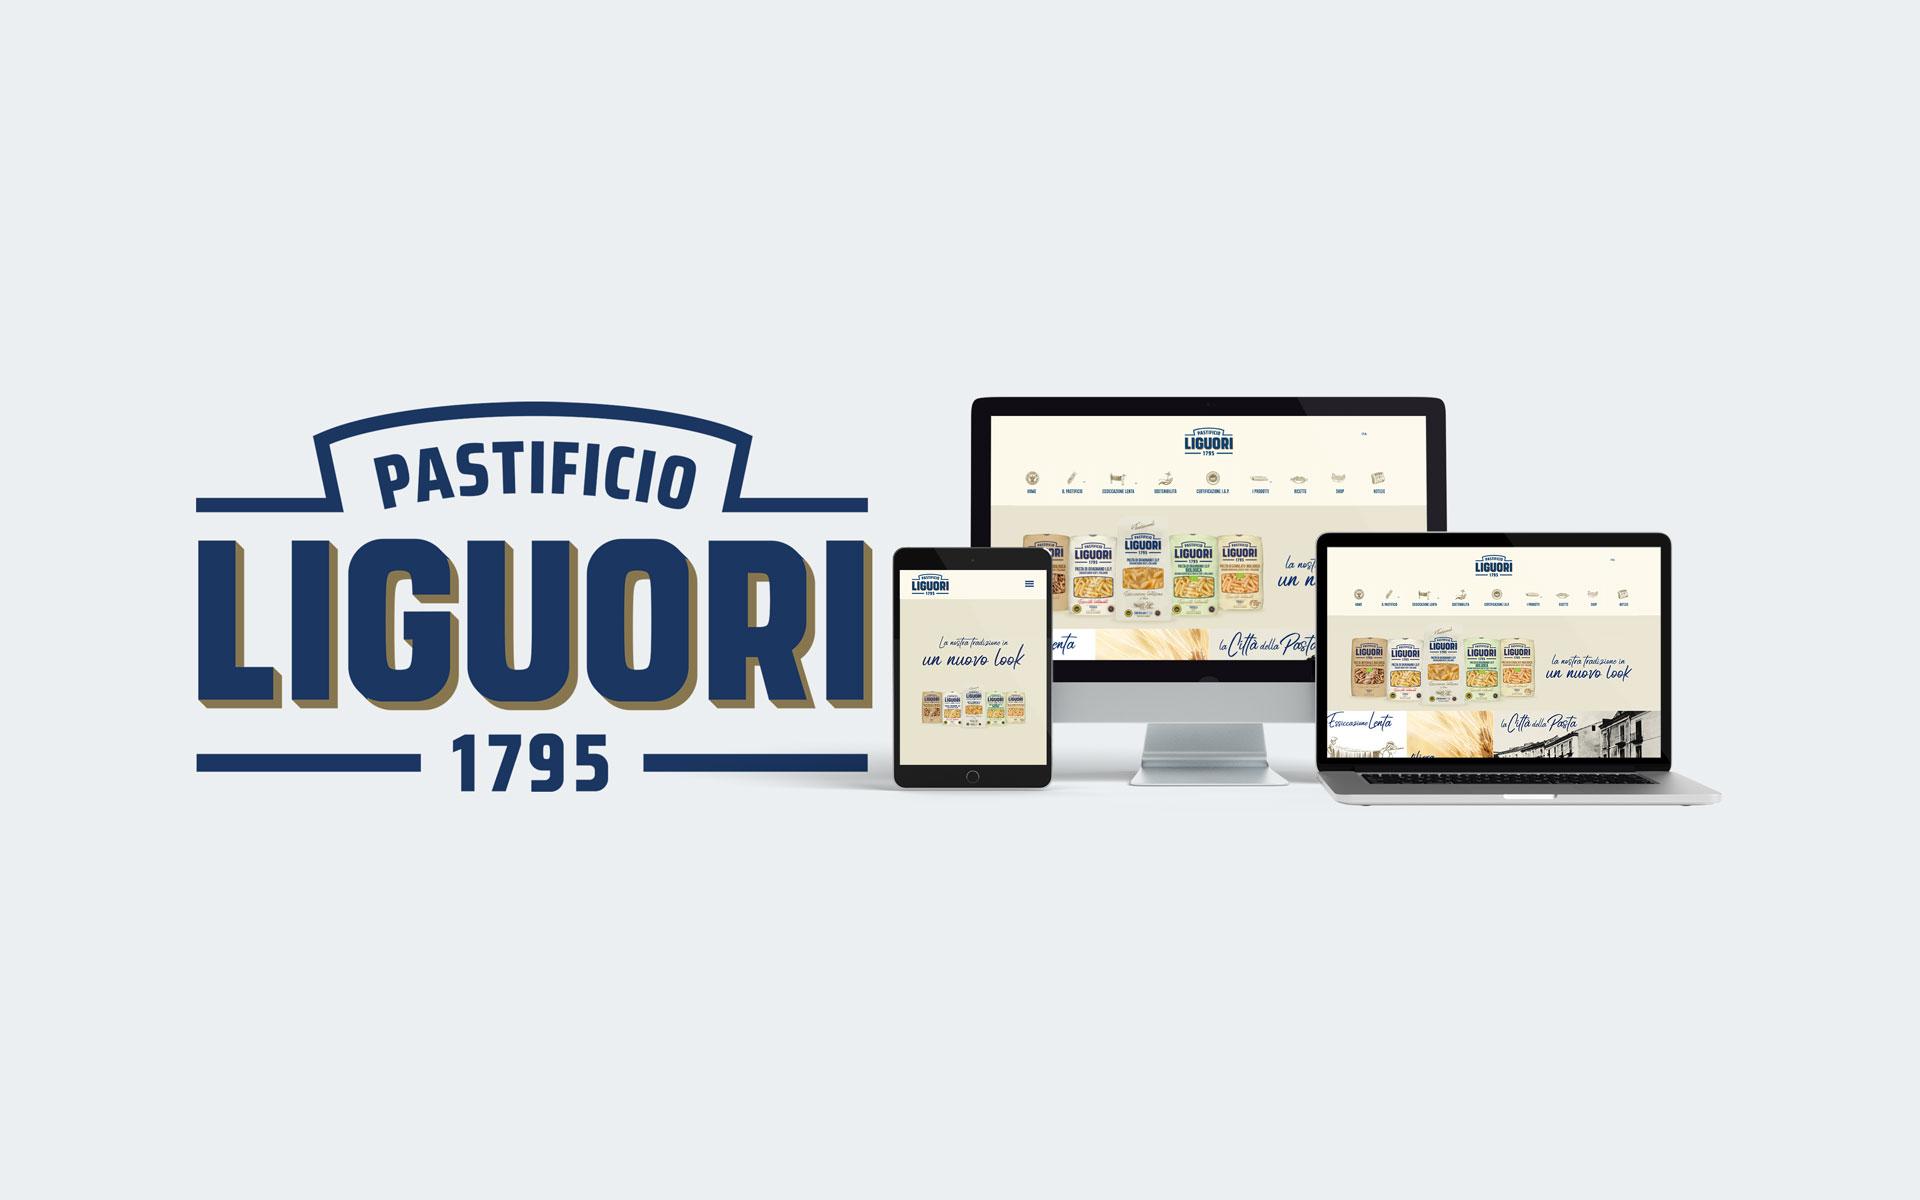 Pastificio Liguori - Immagine coordinata - Web Agency Napoli - Libellula Grafica Lab